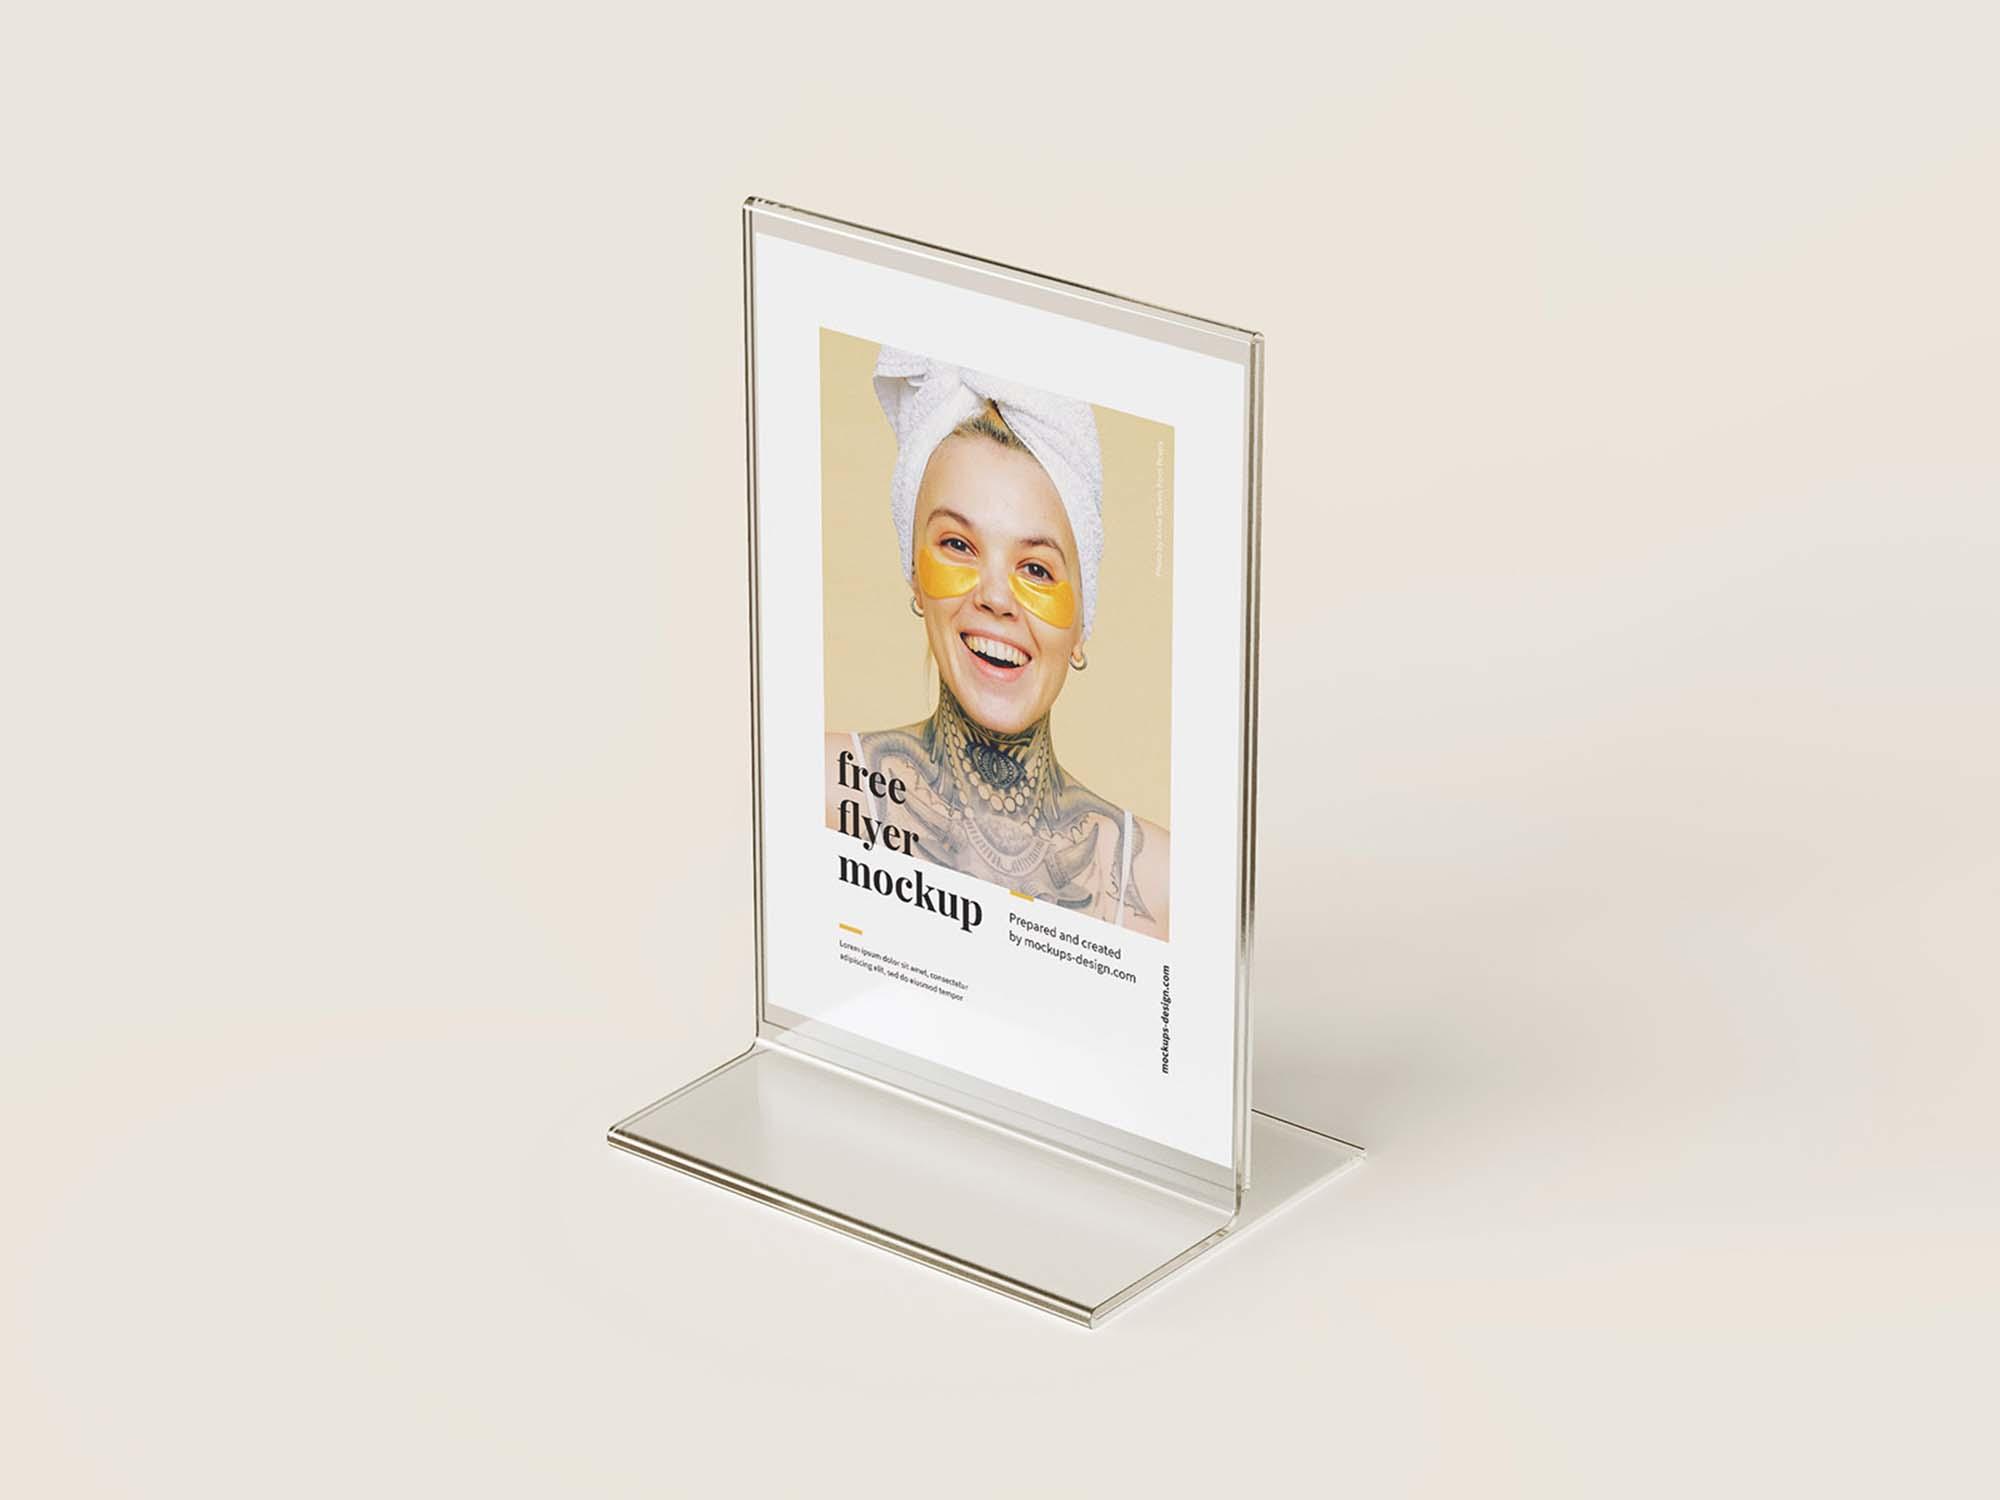 Acrylic Flyer Stand Mockup 2